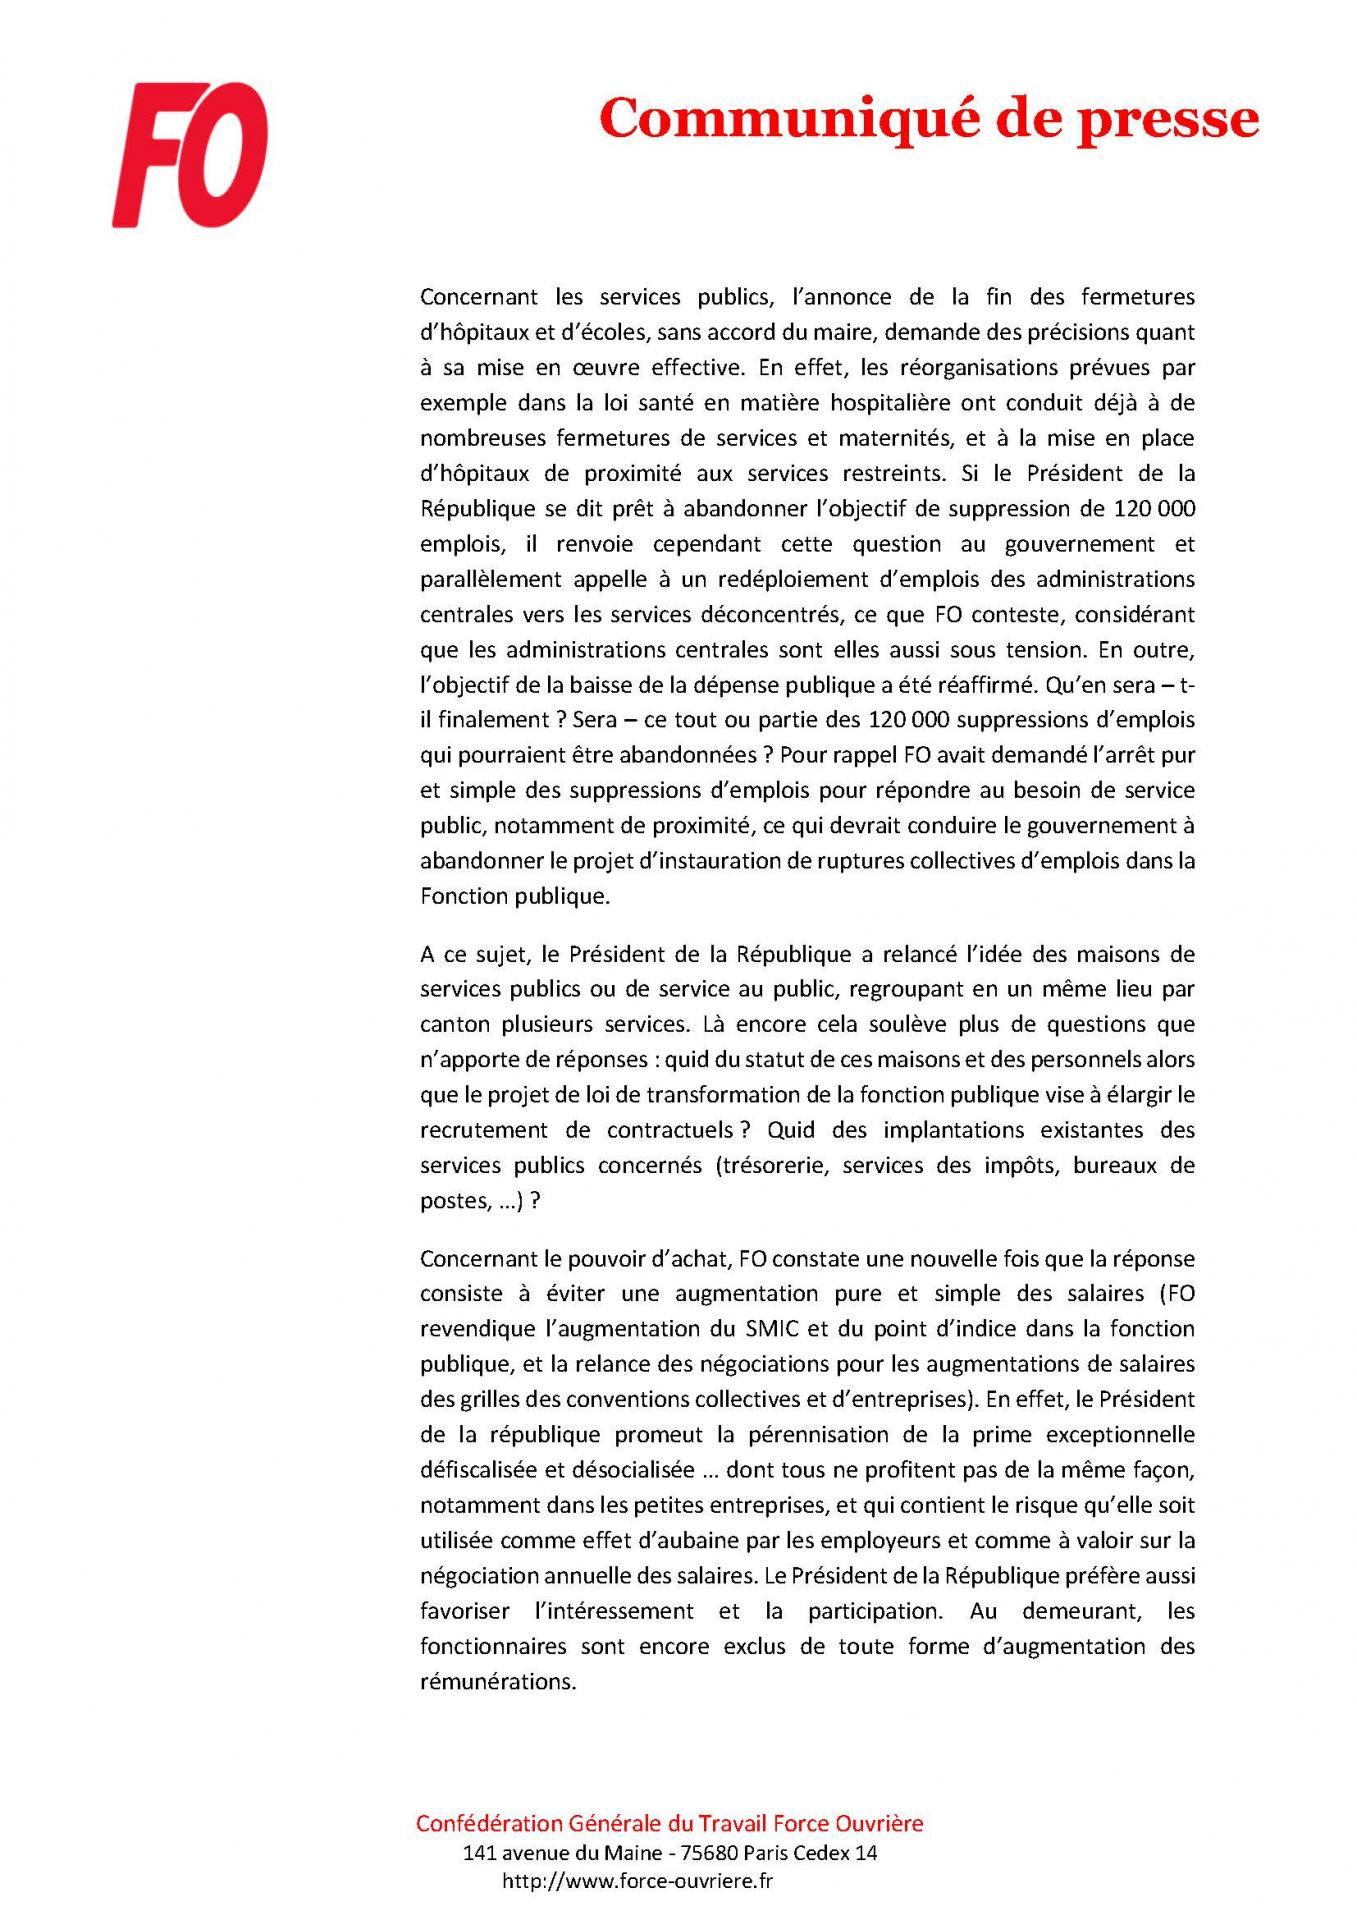 Cp fo conference de presse du president de la republique premiere reaction page 2